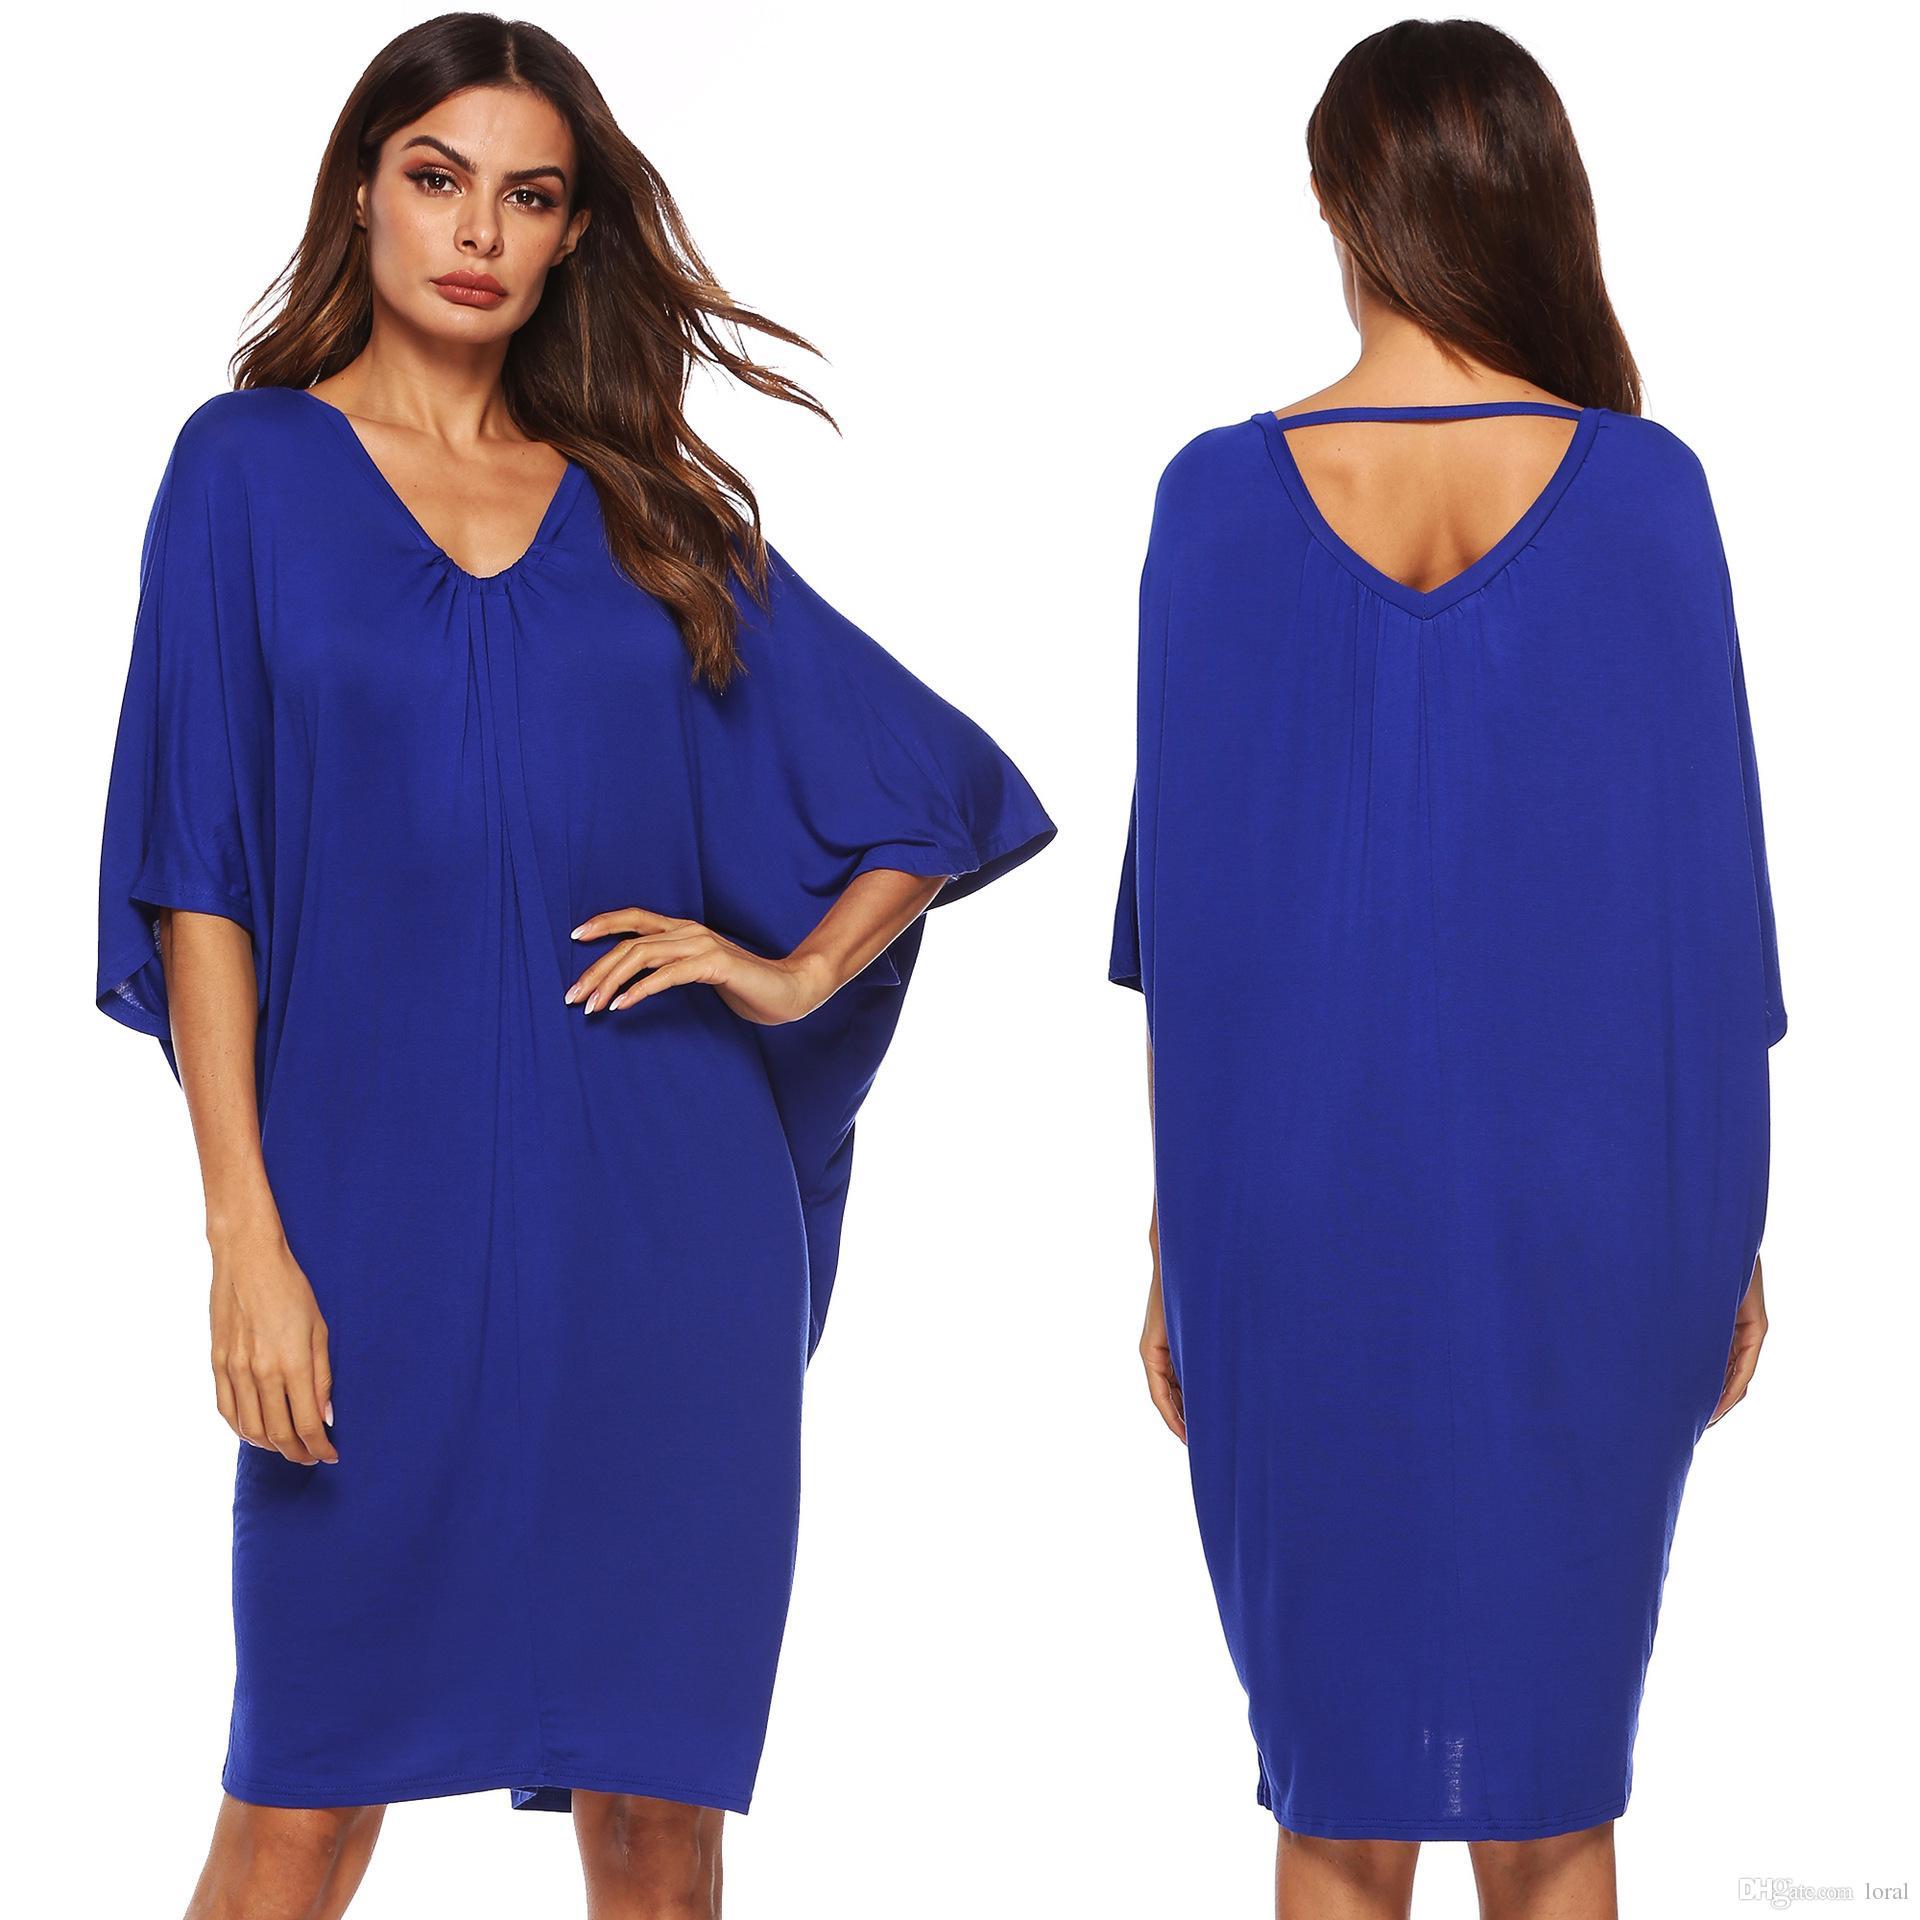 bddf242517 Compre Las Mujeres Atractivas Del Vestido Azul Con Cuello En V Vestidos  Casuales De Batwing Primavera Verano Noche Vestidos De Fiesta Envío Gratis  A  29.65 ...